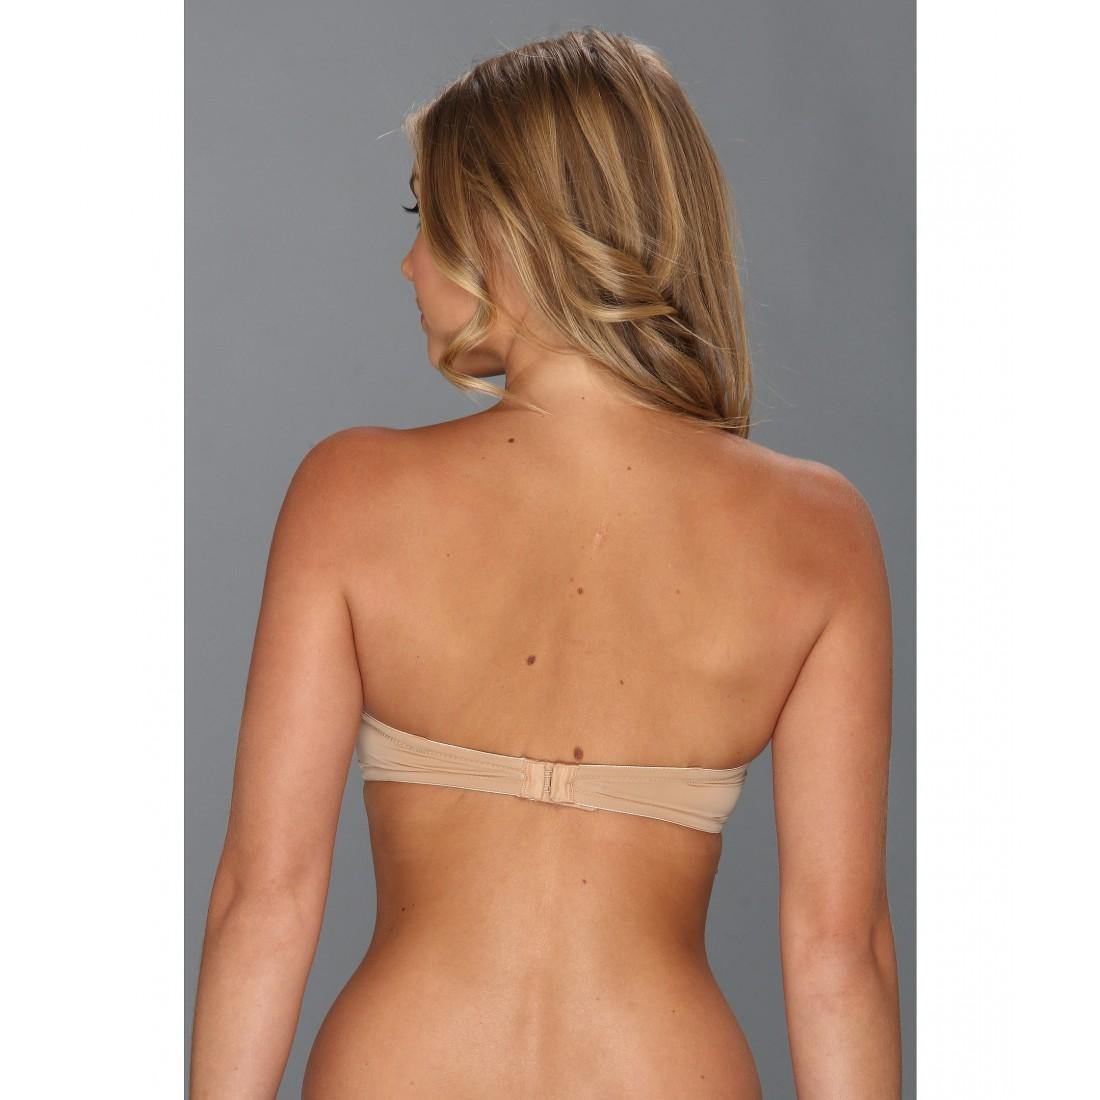 81acb98650 Calvin Klein Underwear Naked Glamour Strapless Push-Up Bra F3493 ZPSKU  7952857 Buff